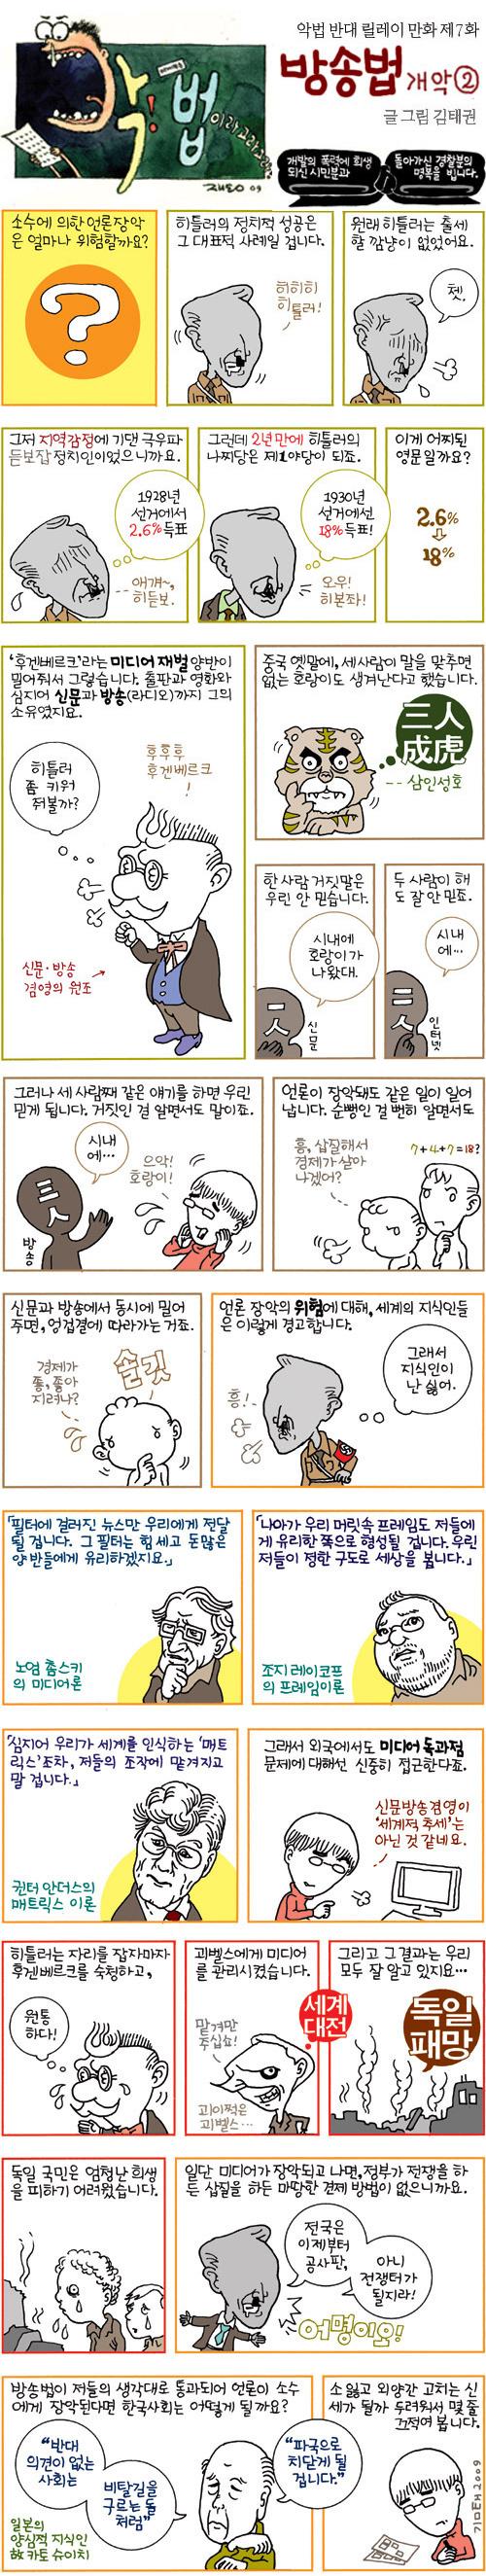 MB악법 반대 - 방송법 개악 - 김태권